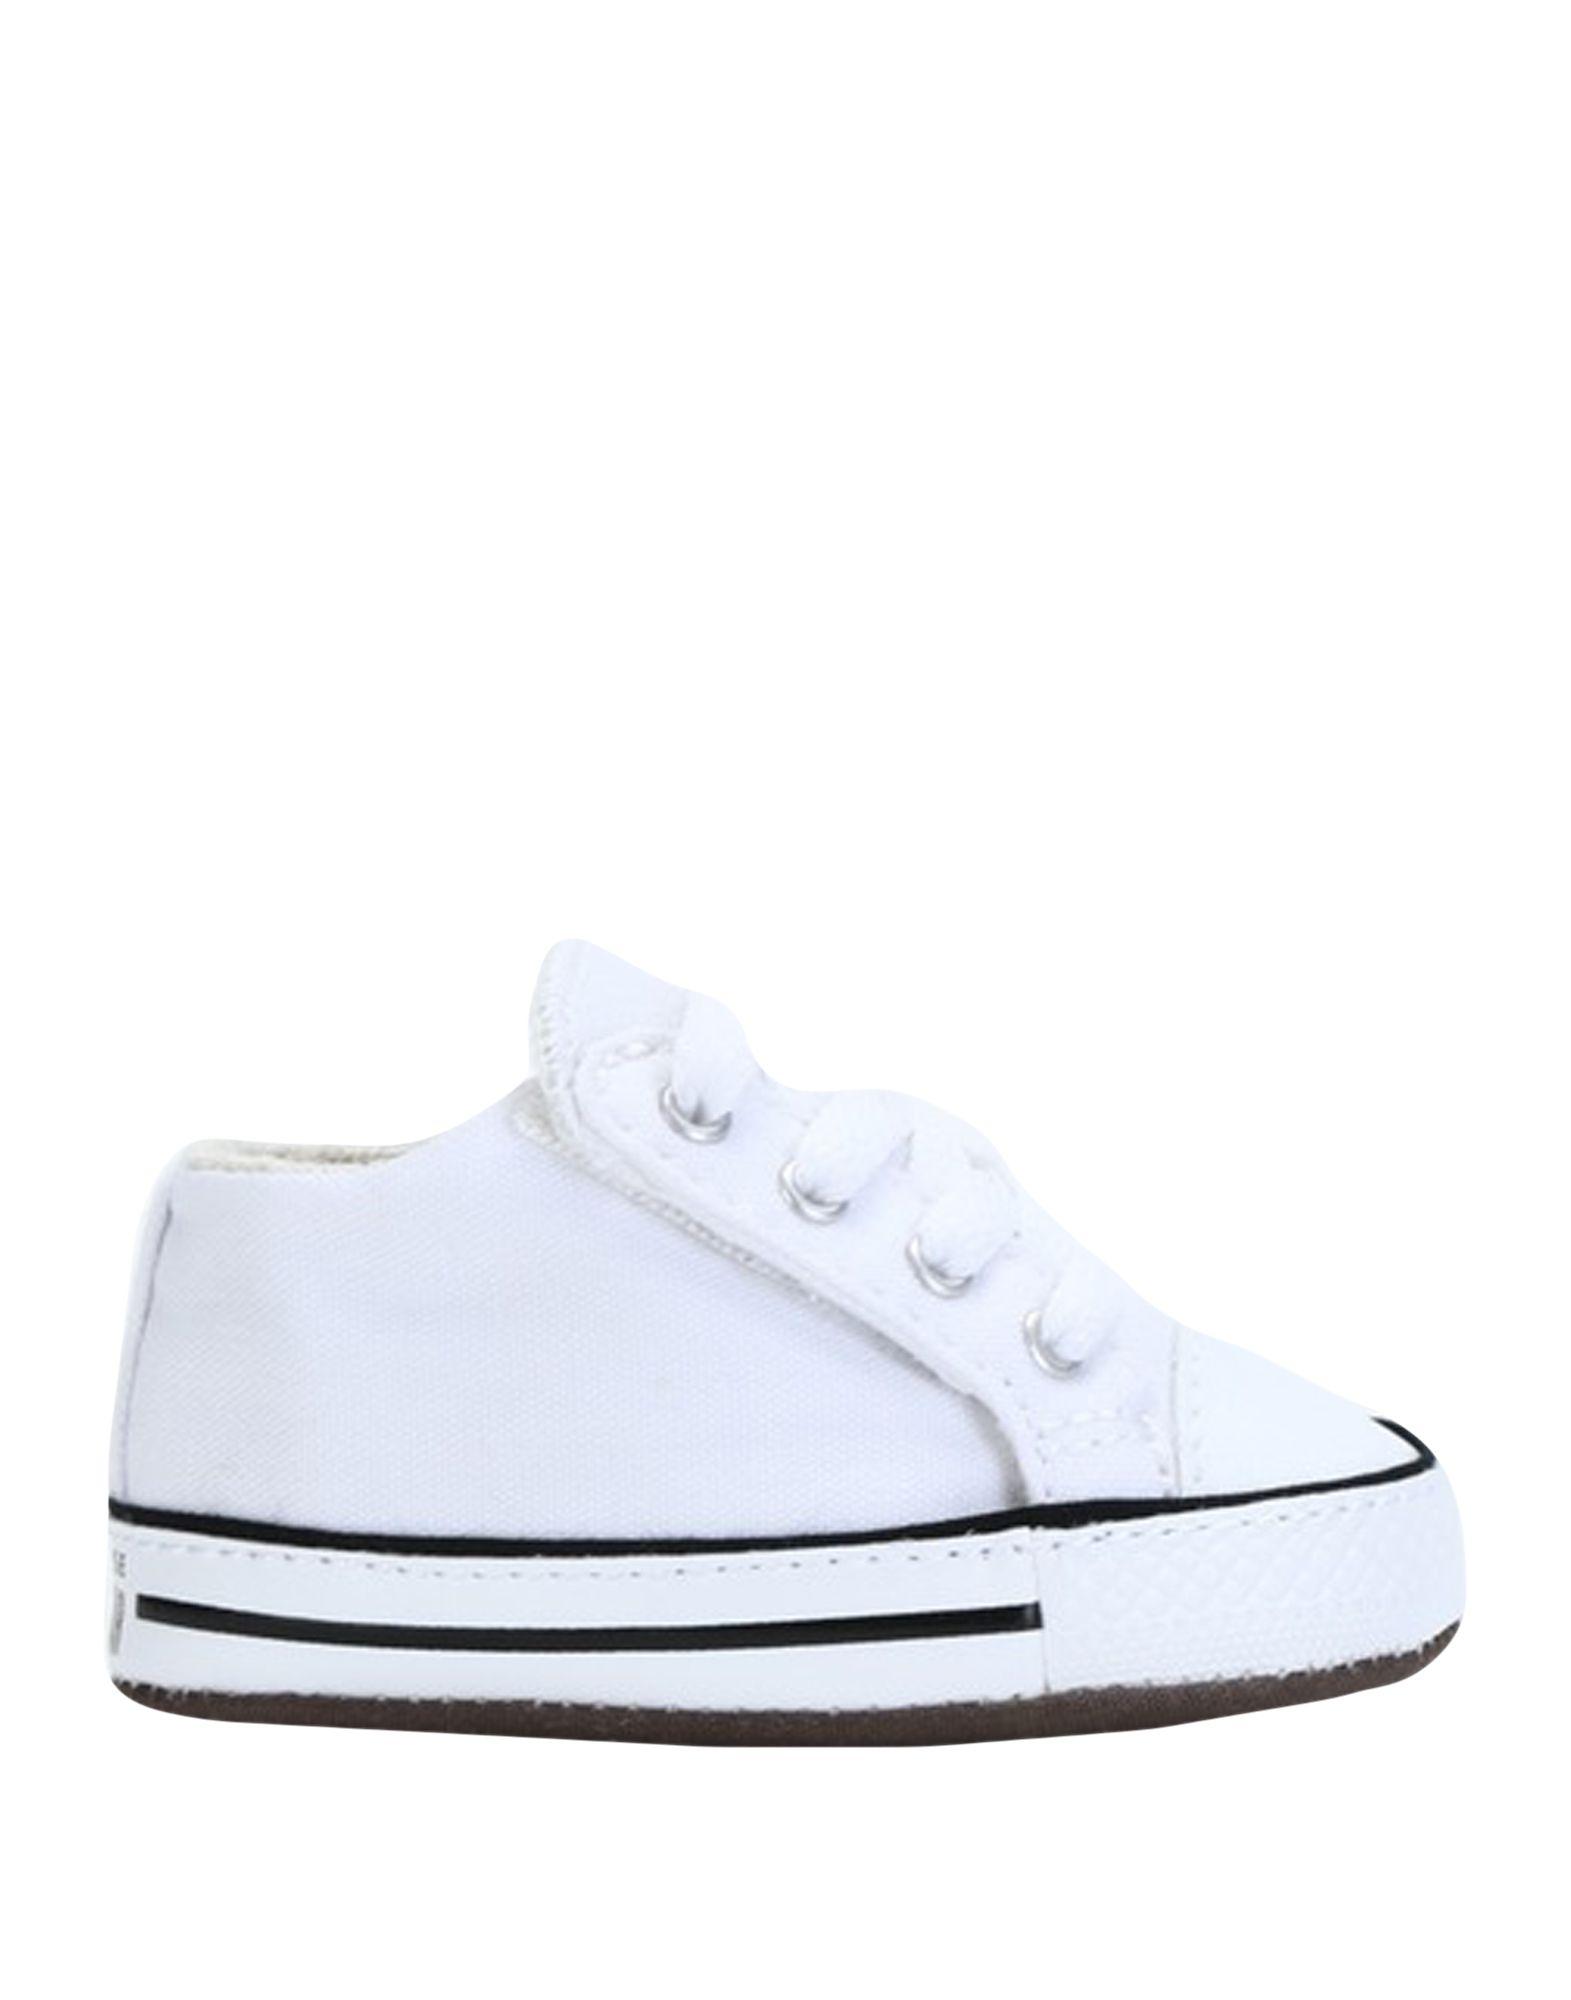 CONVERSE ALL STAR Обувь для новорожденных